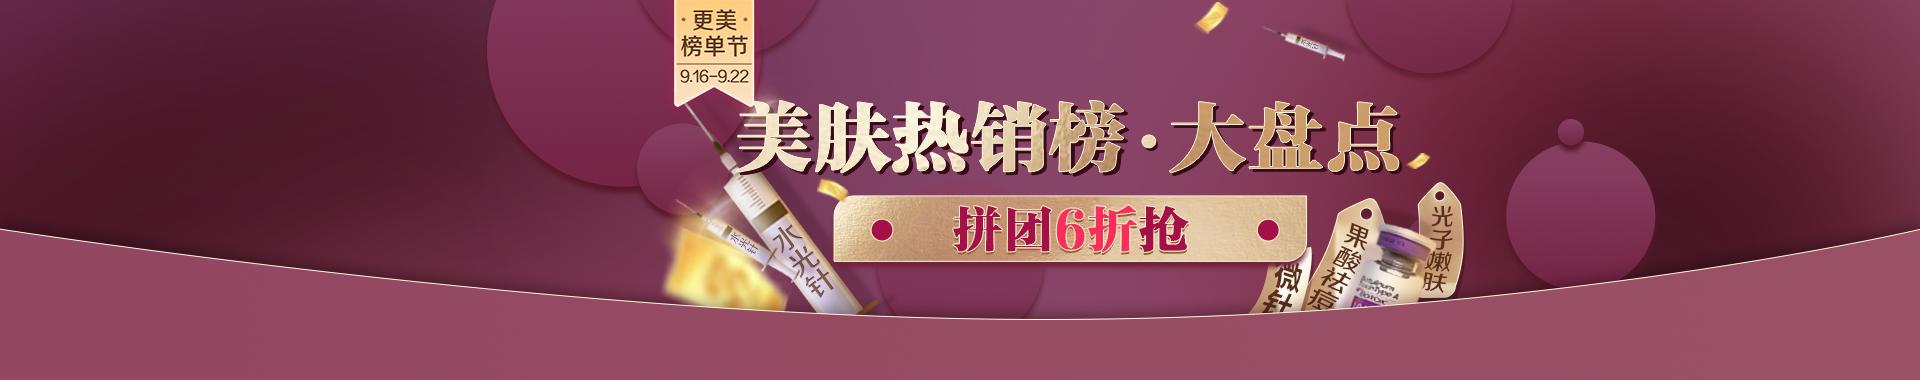 9月榜单节-美肤热销拼团专场